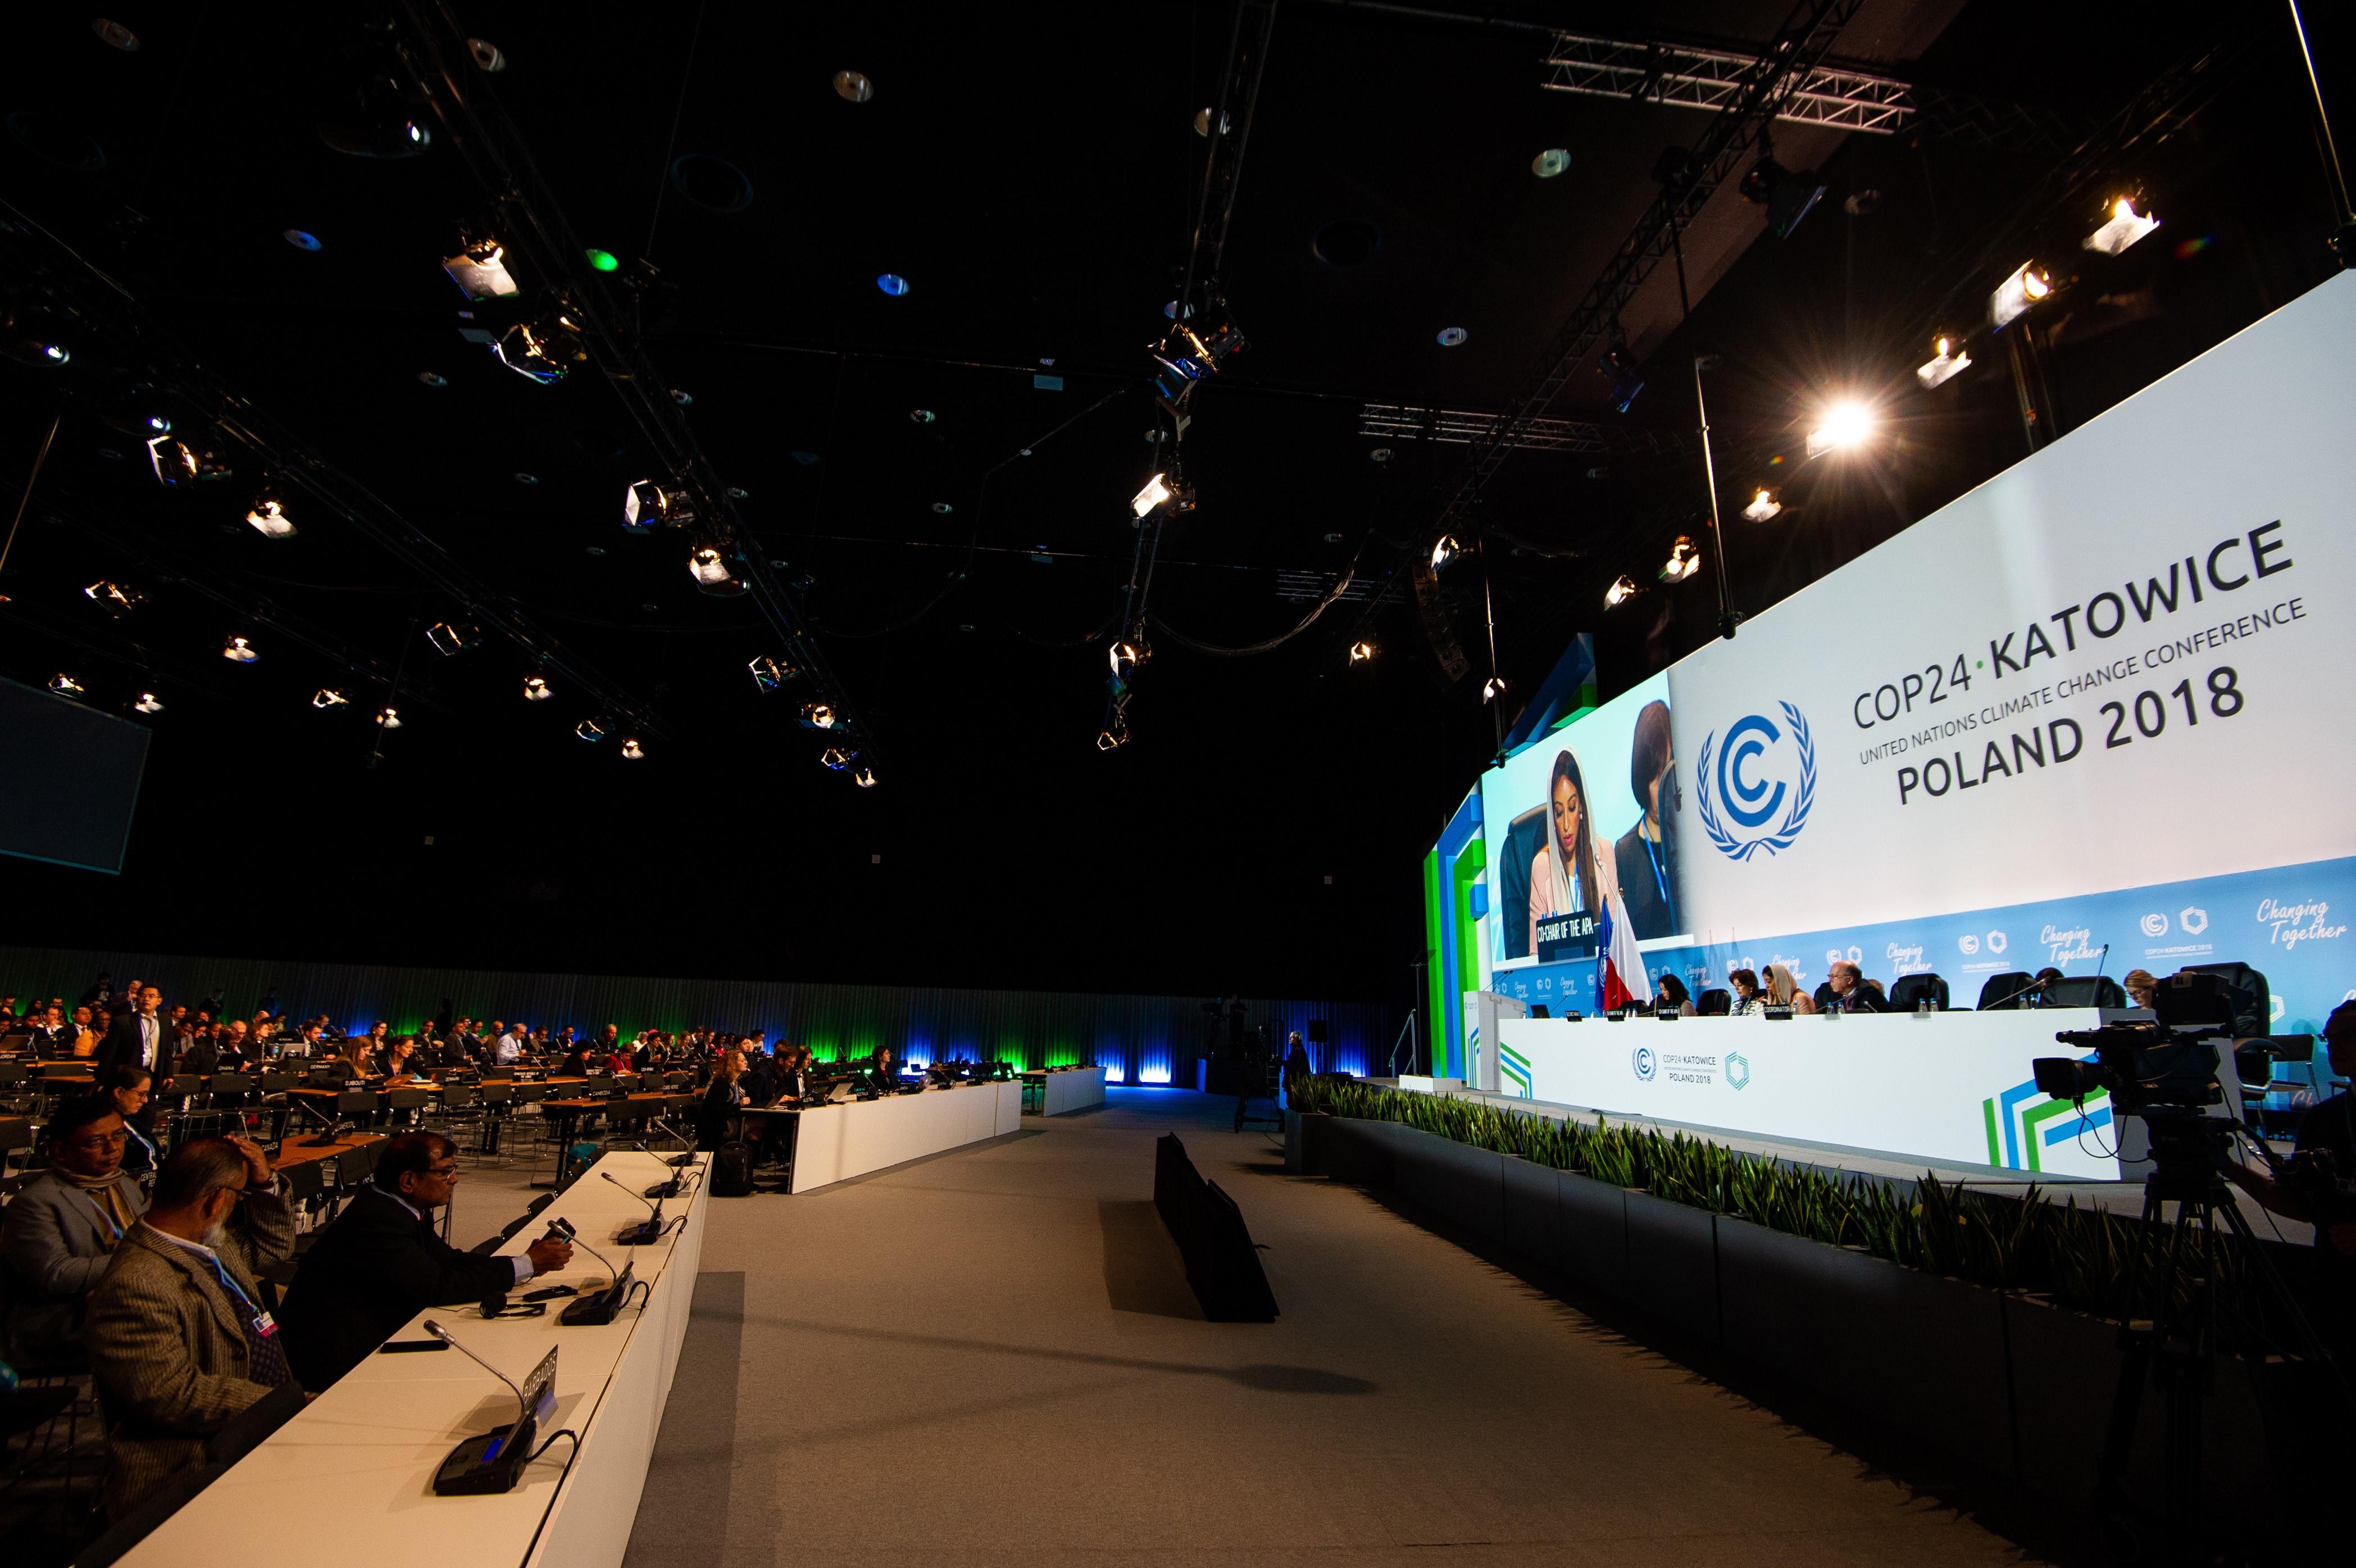 Präsentation bei der Weltklimakonferenz in Katowice